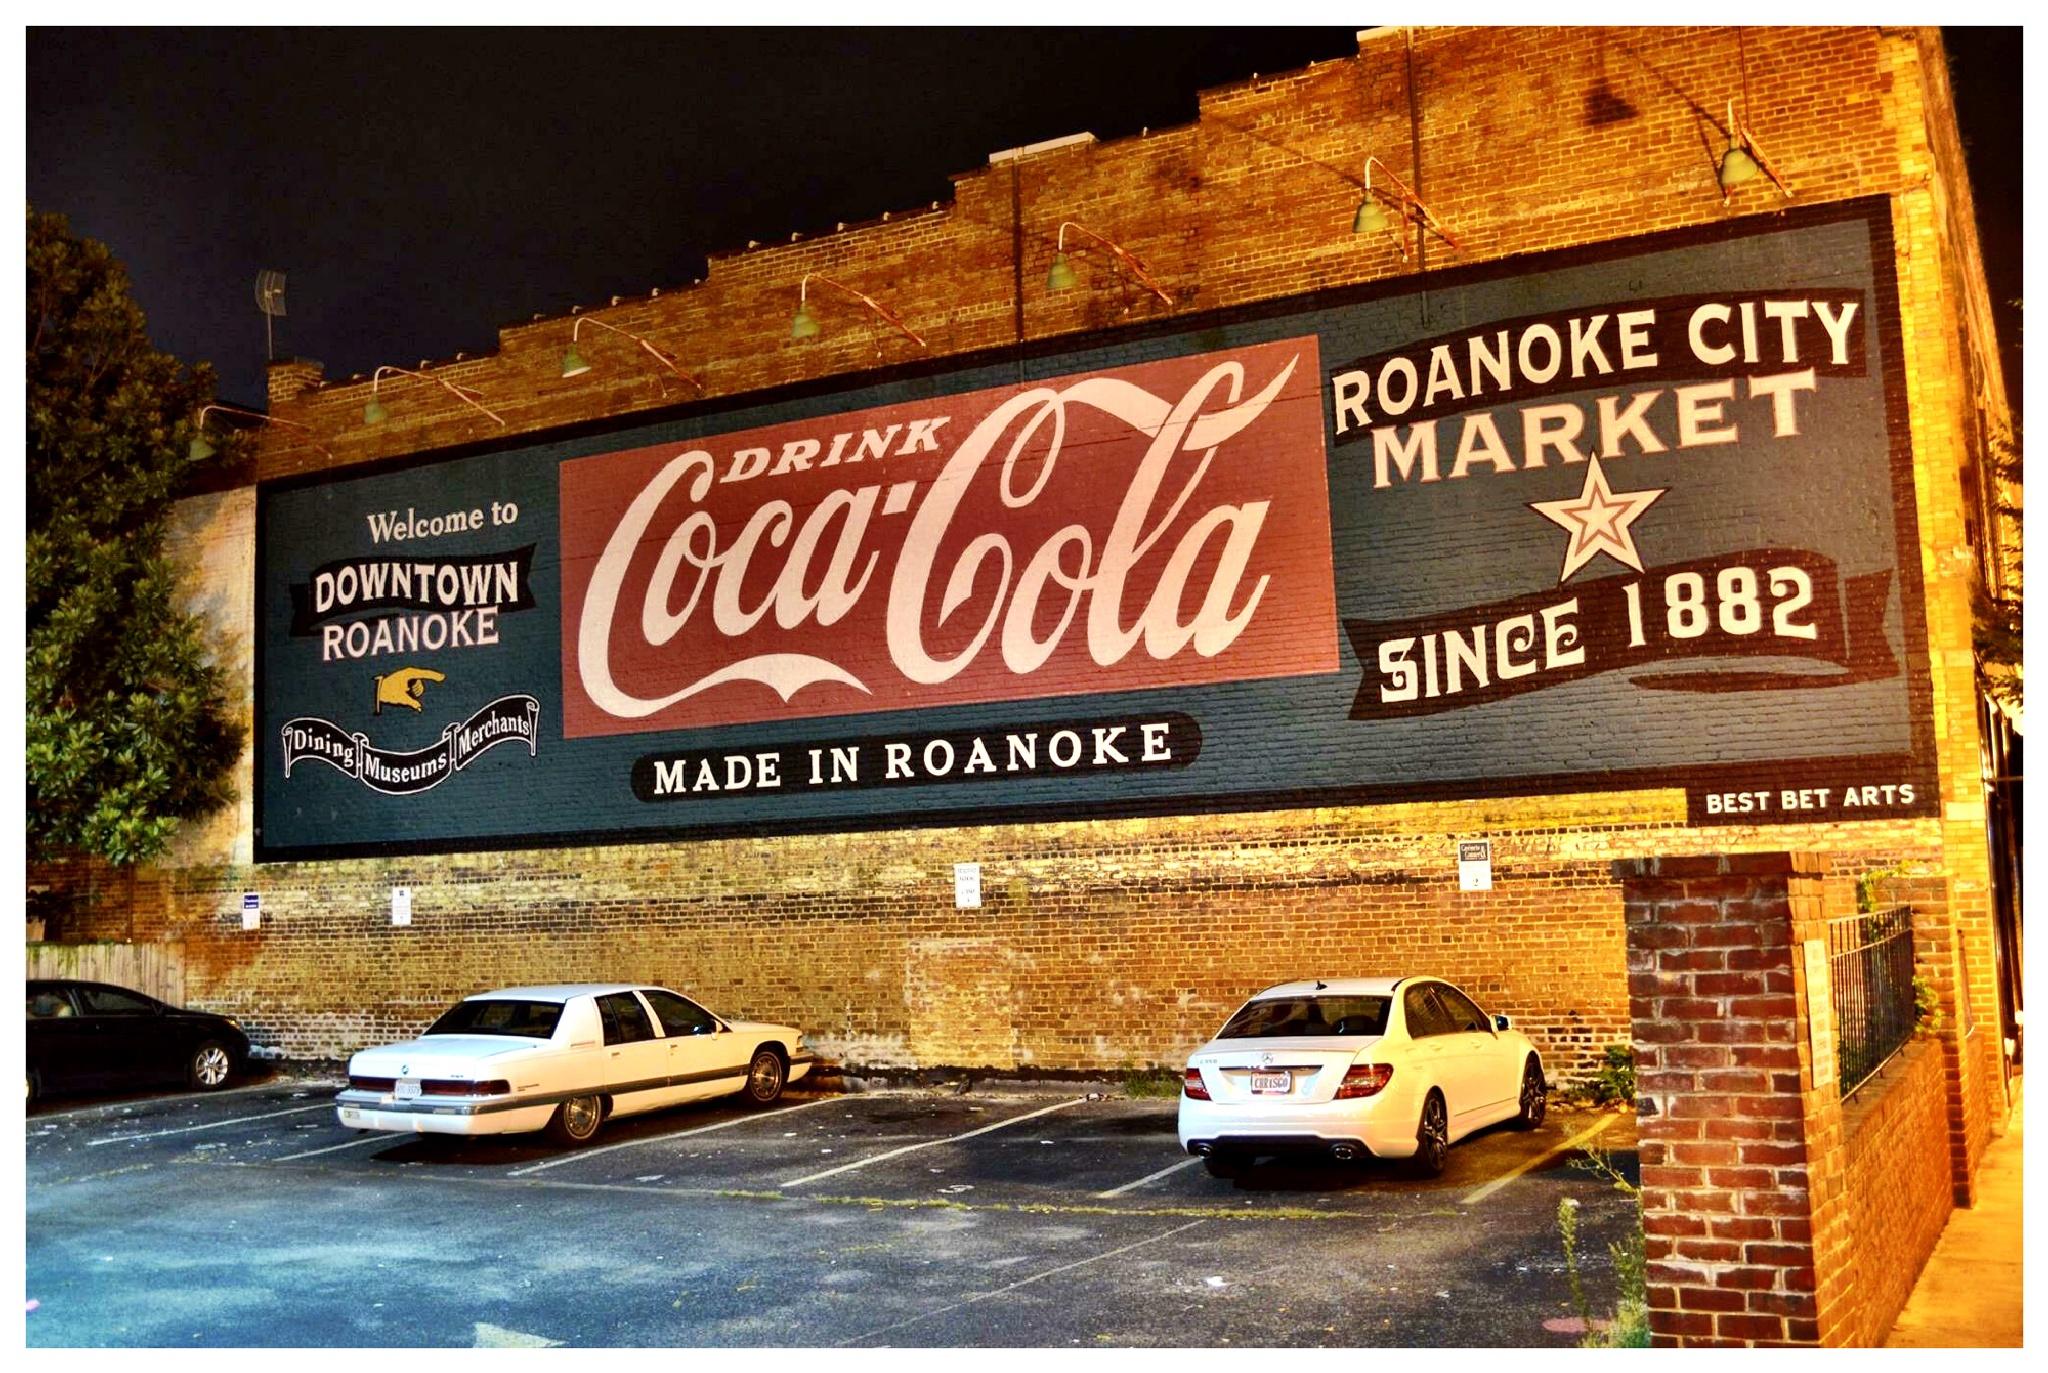 Roanoke City Market  by D.E.Terry